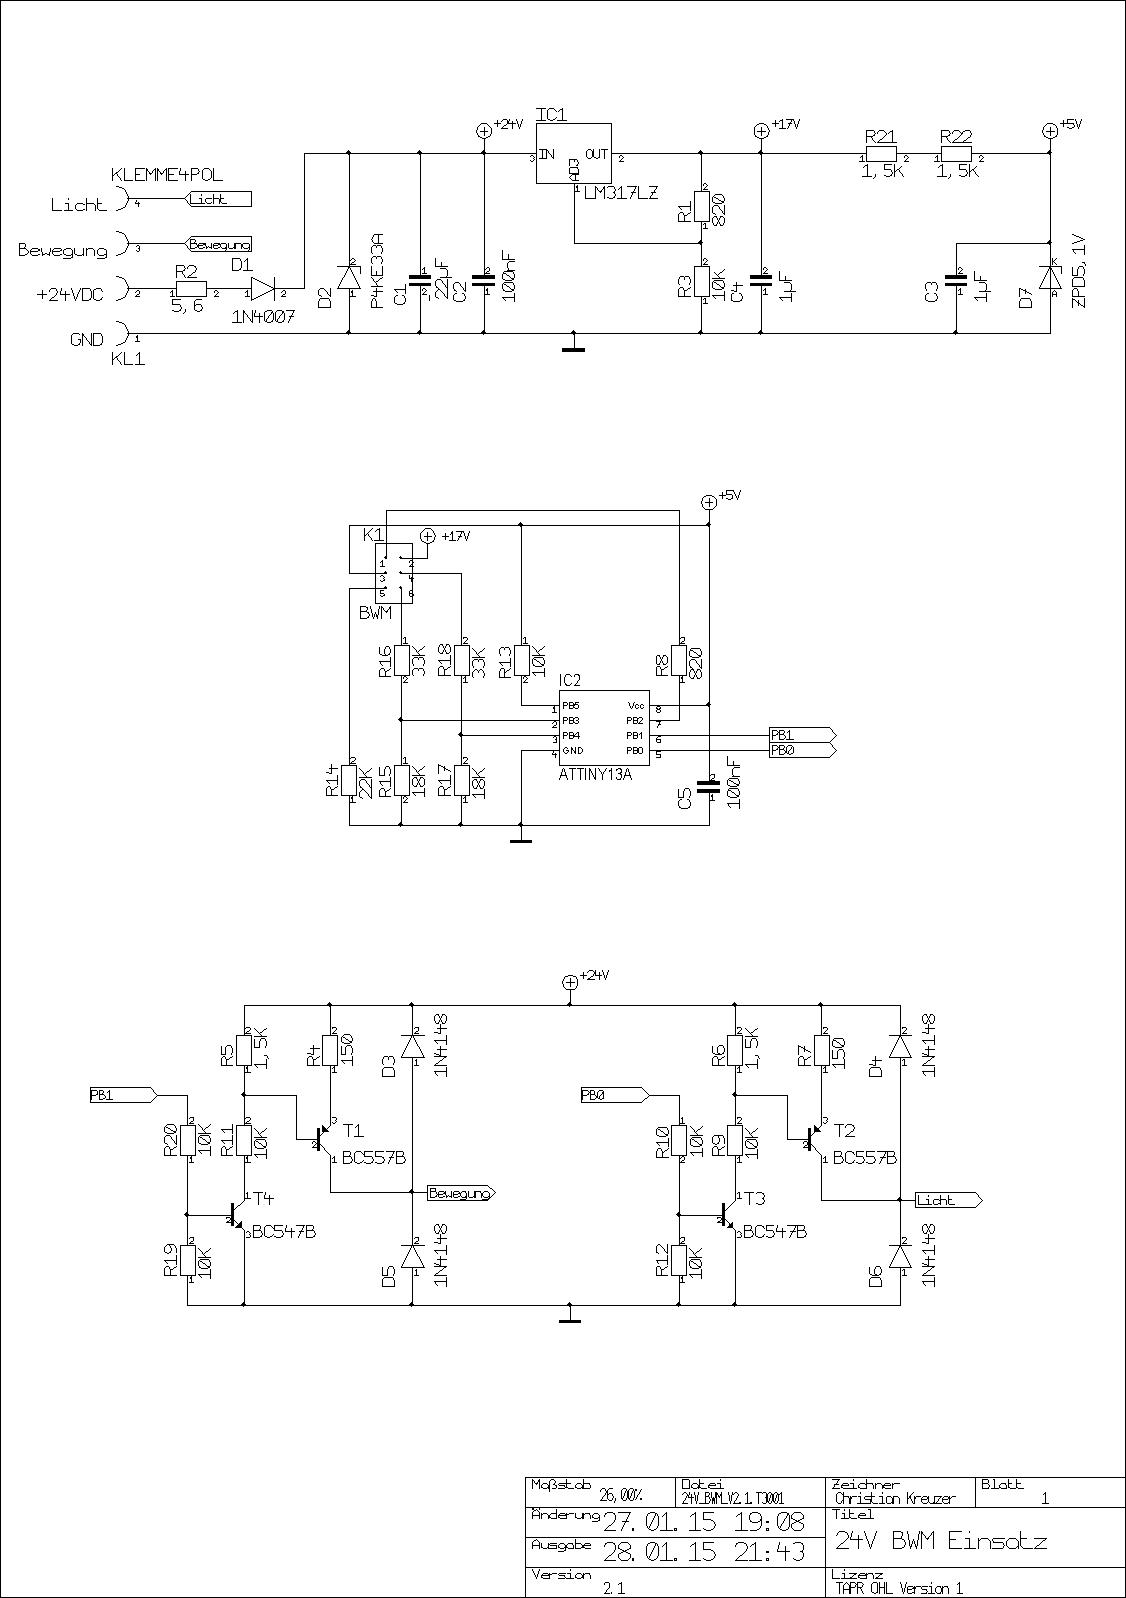 Schaltplan Version 2.0